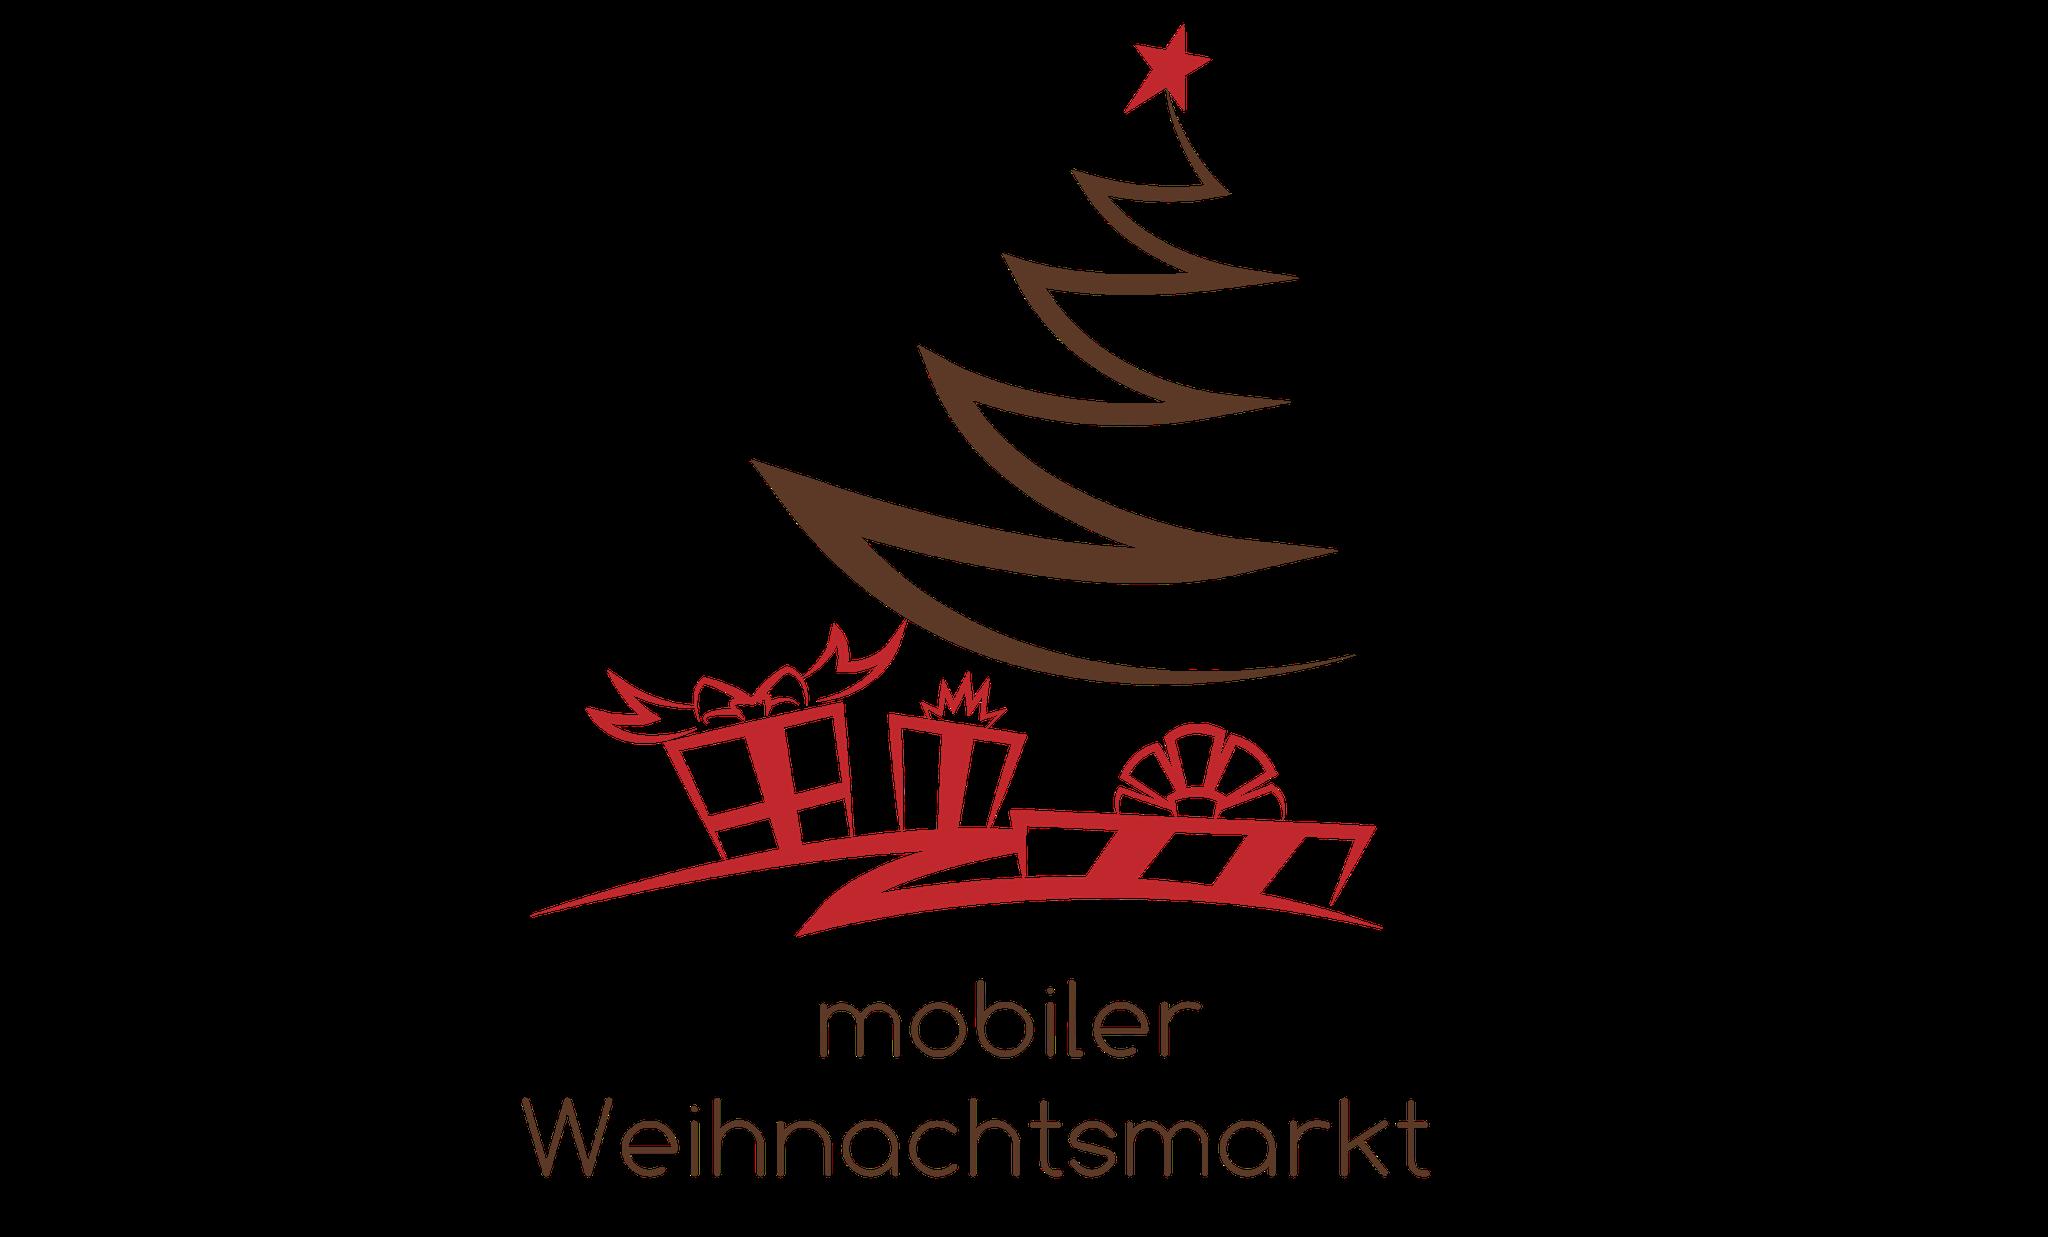 Mobiler Weihnachtsmarkt - die Alternative zum normalen Weihnachtsessengehen!